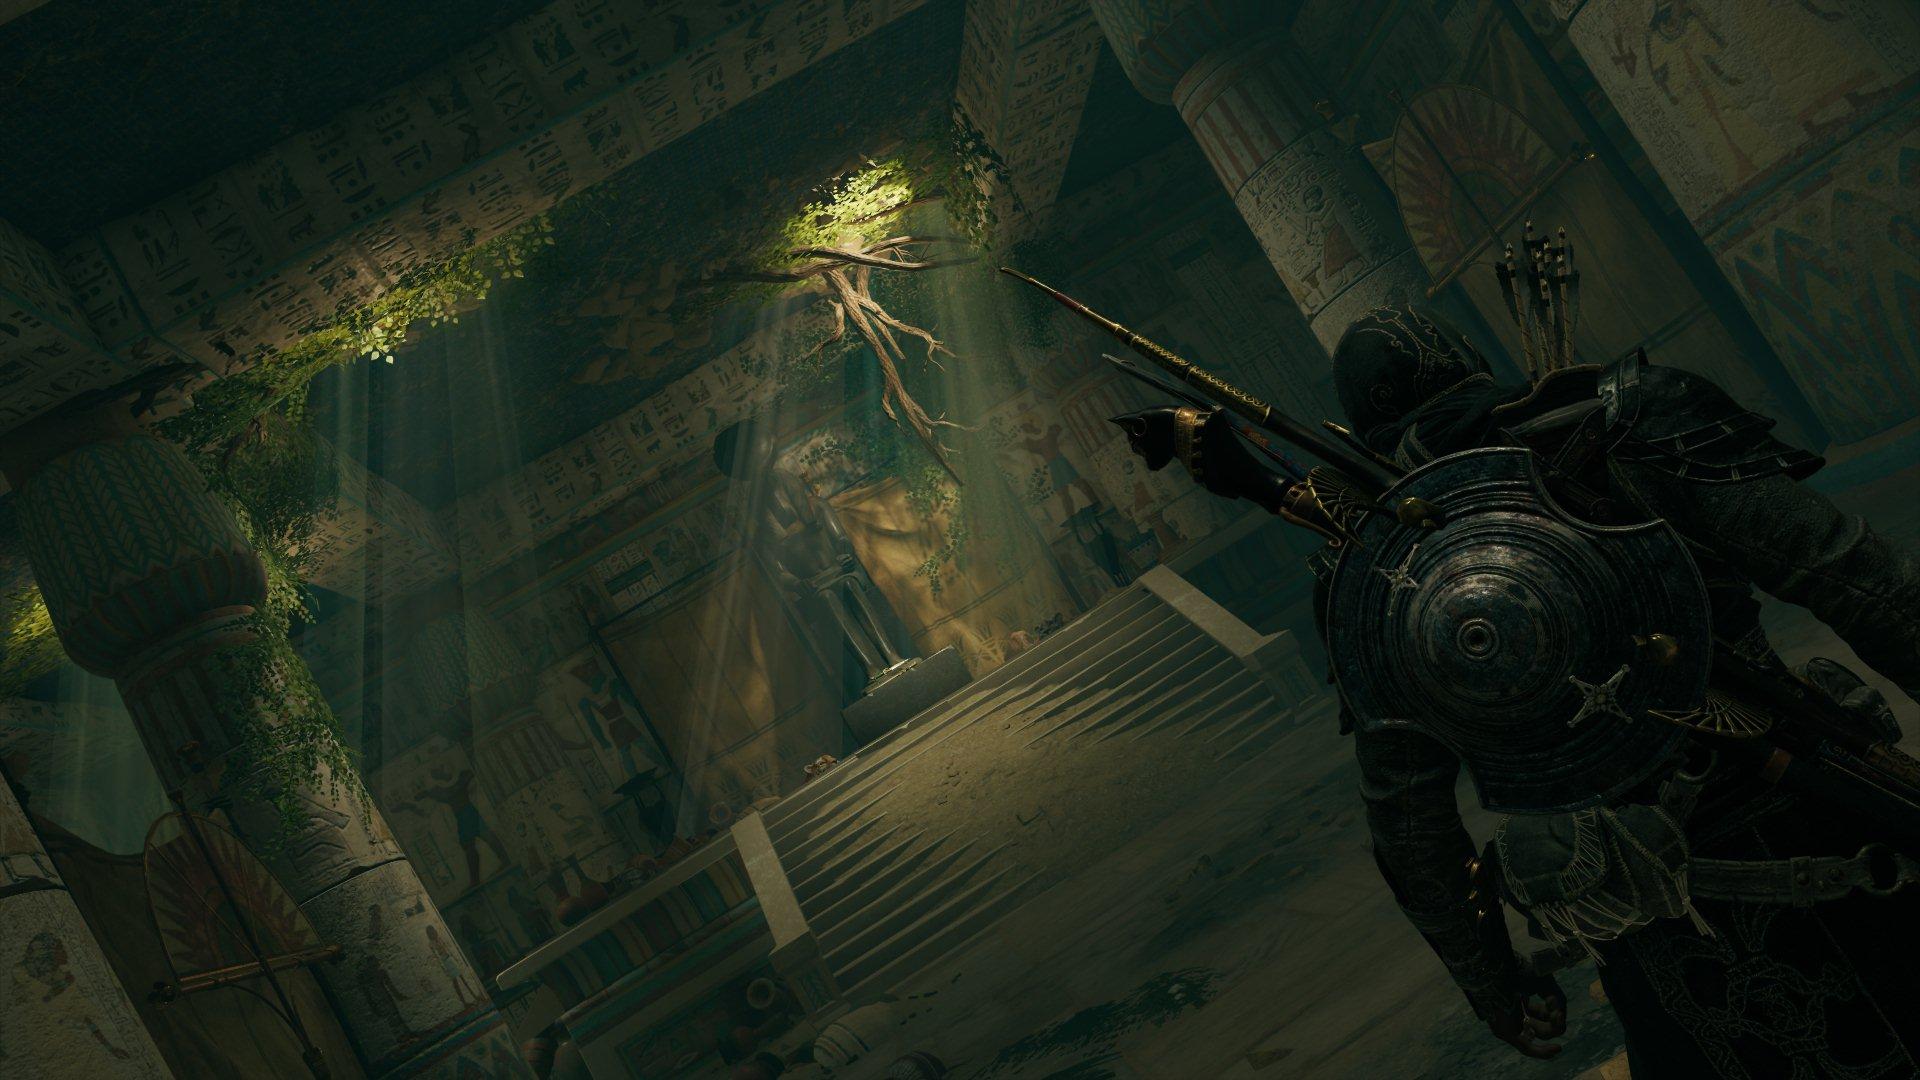 assassins creed origins bayek wallpaper